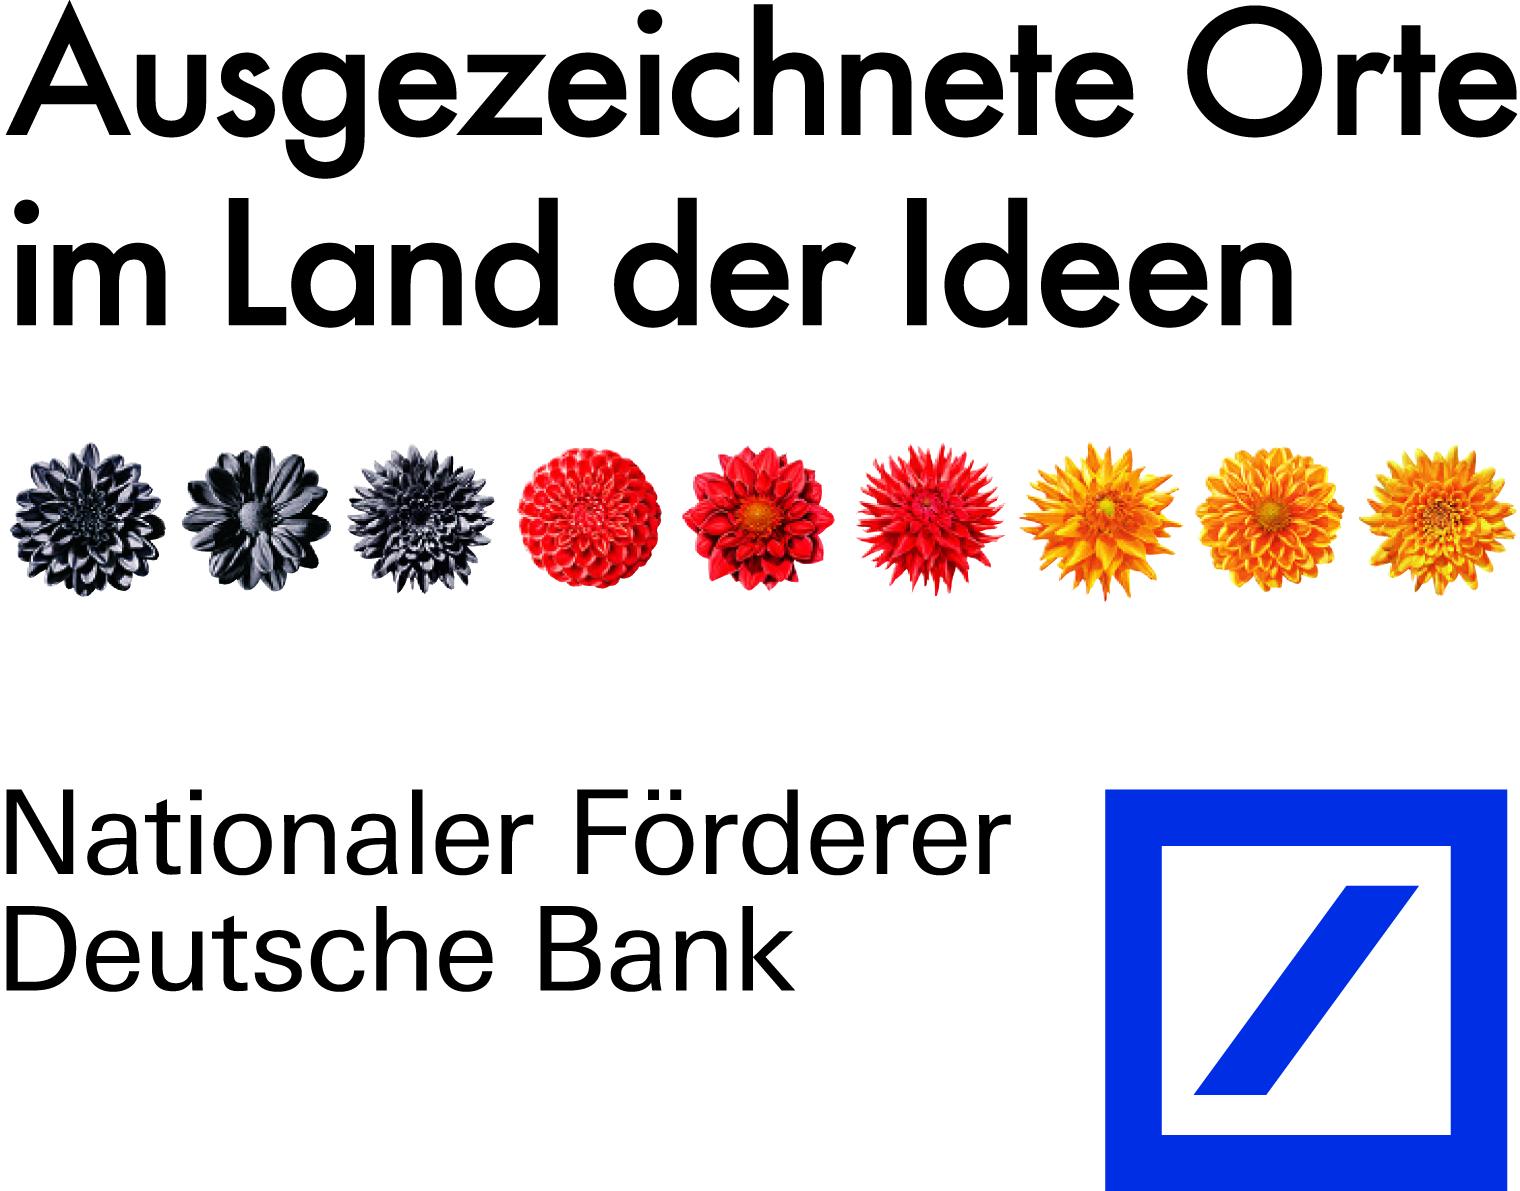 Logo_Ausgezeichnete Orte_im_Land_der_Ideen